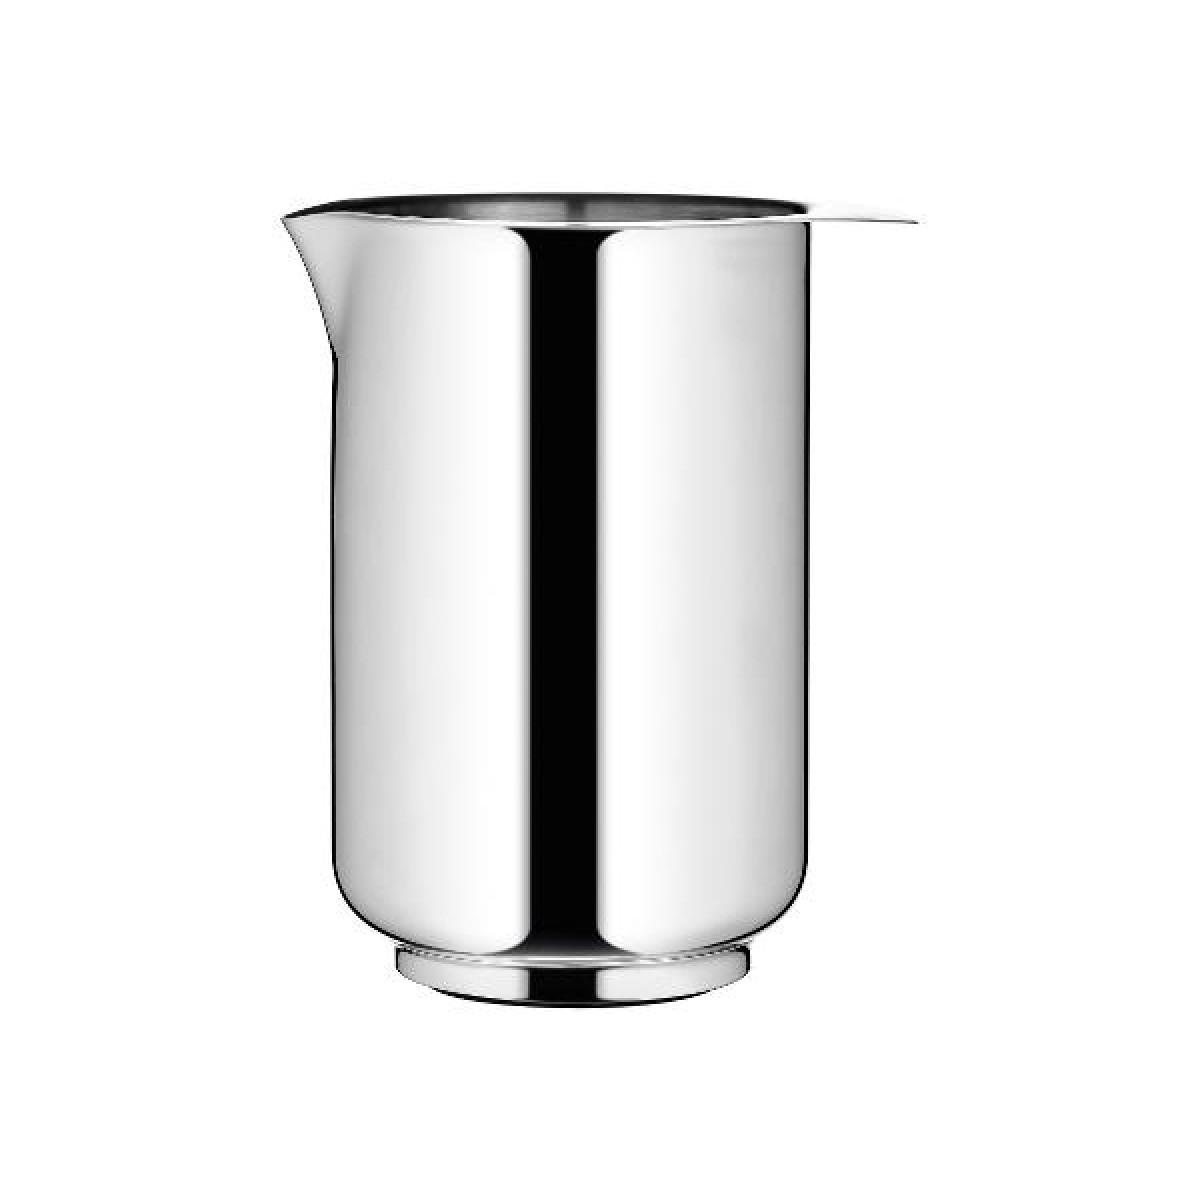 ROSTI Mixkande 1 liter stål